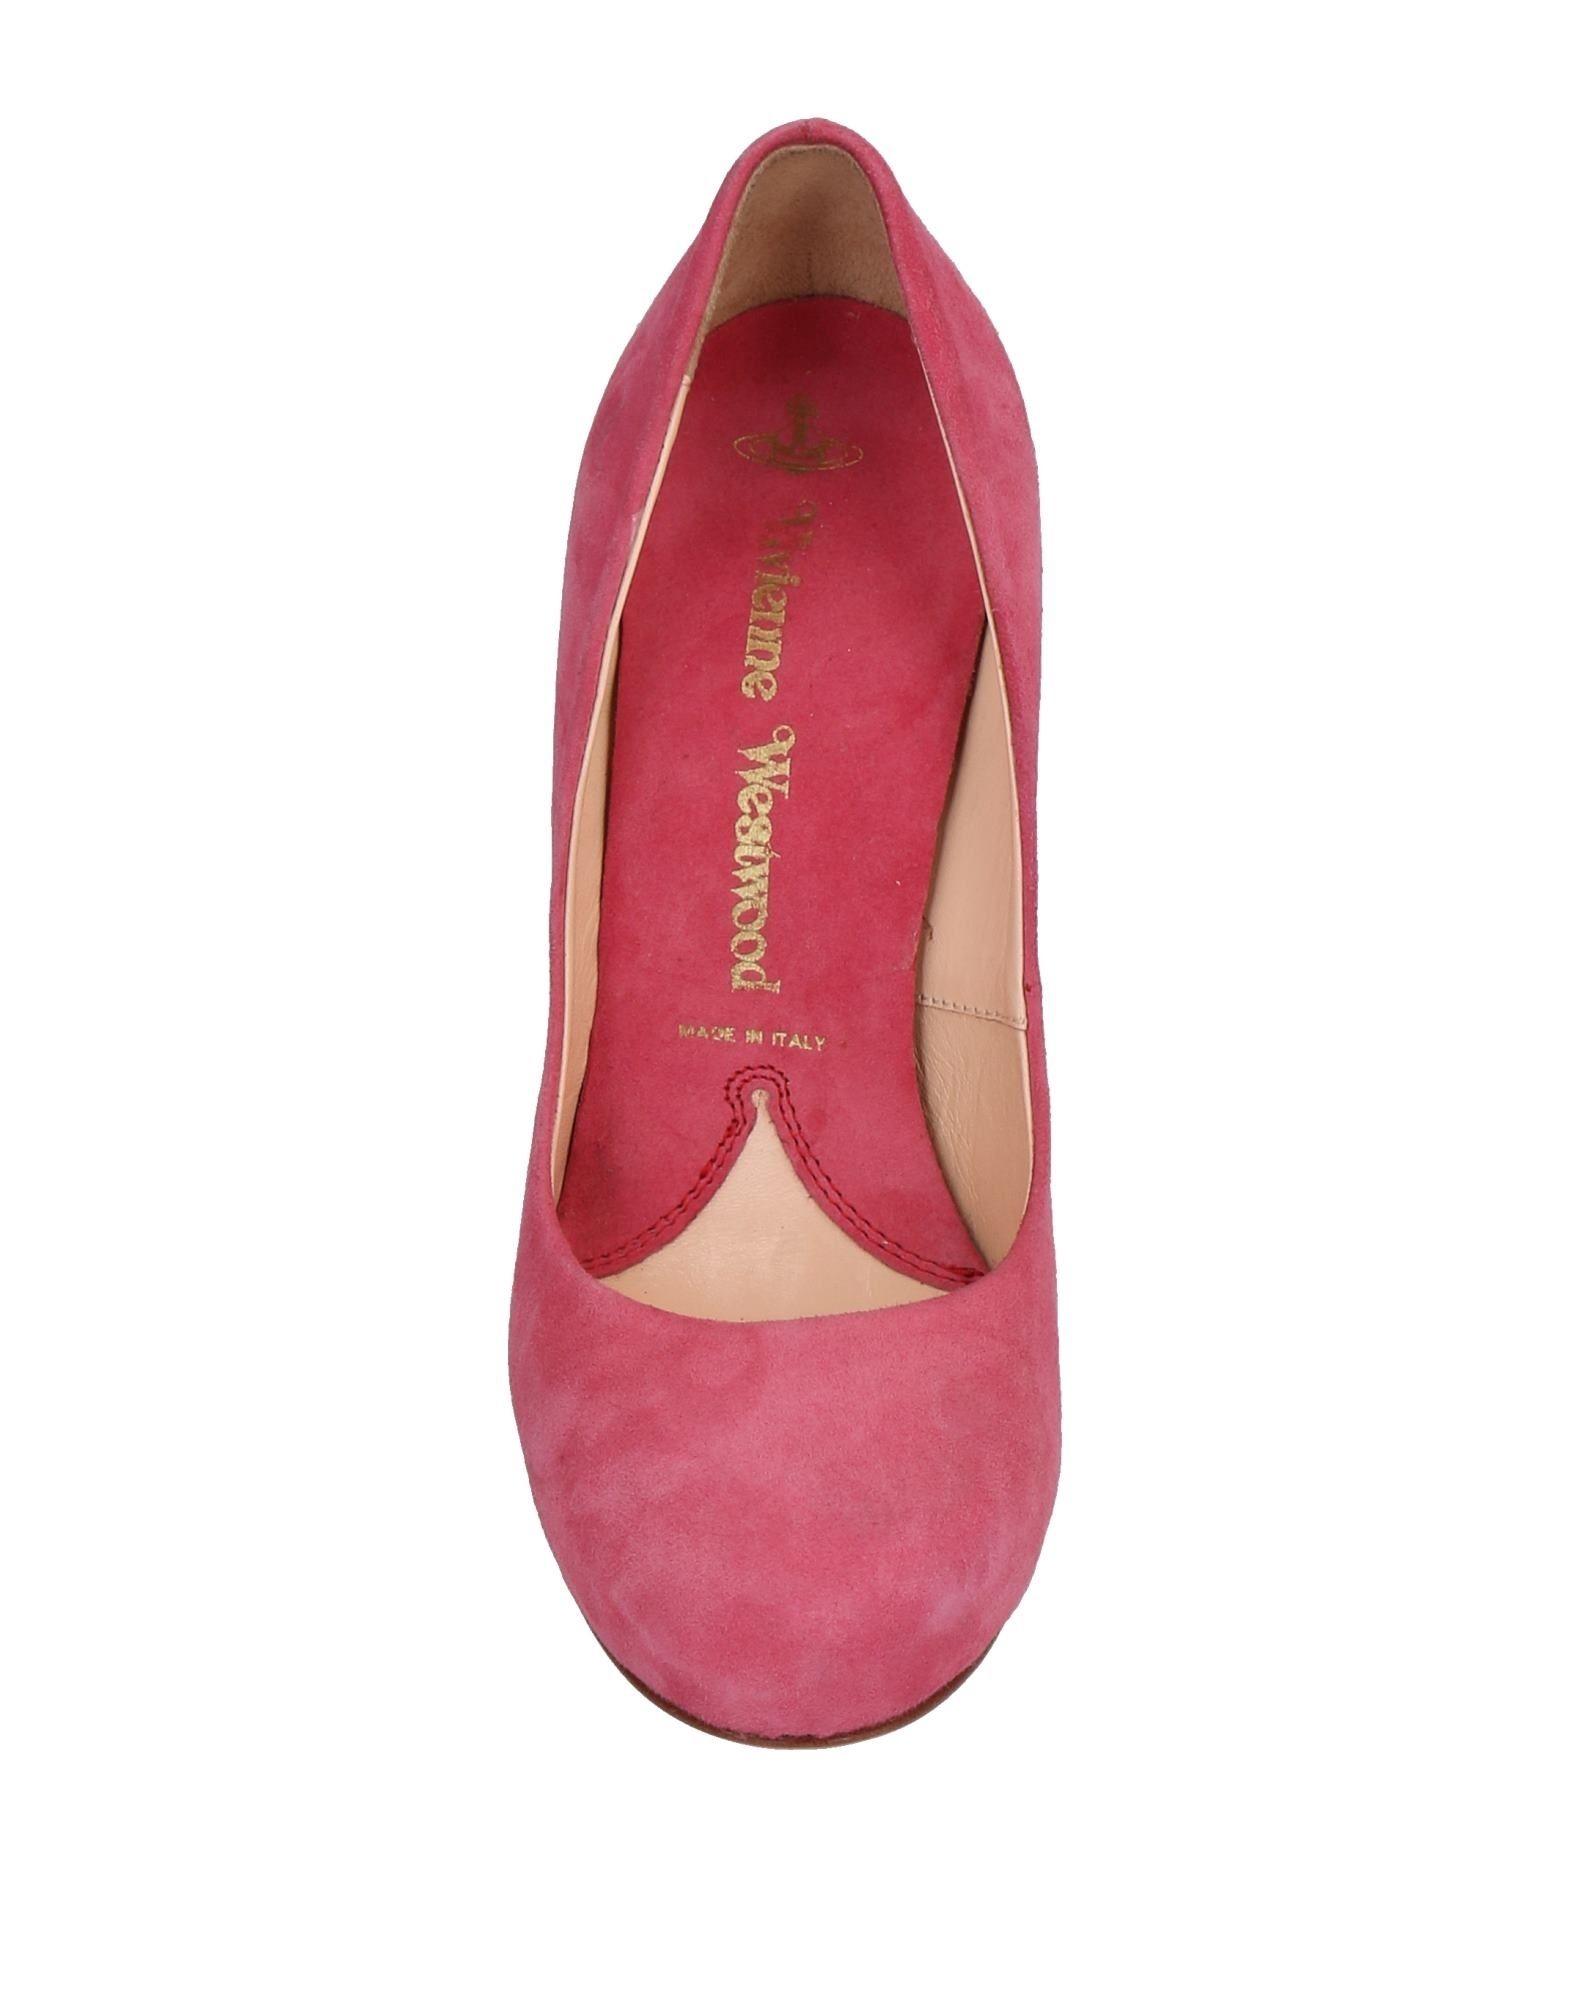 Rabatt Damen Schuhe Vivienne Westwood Pumps Damen Rabatt  11486821UG 3d5e2f